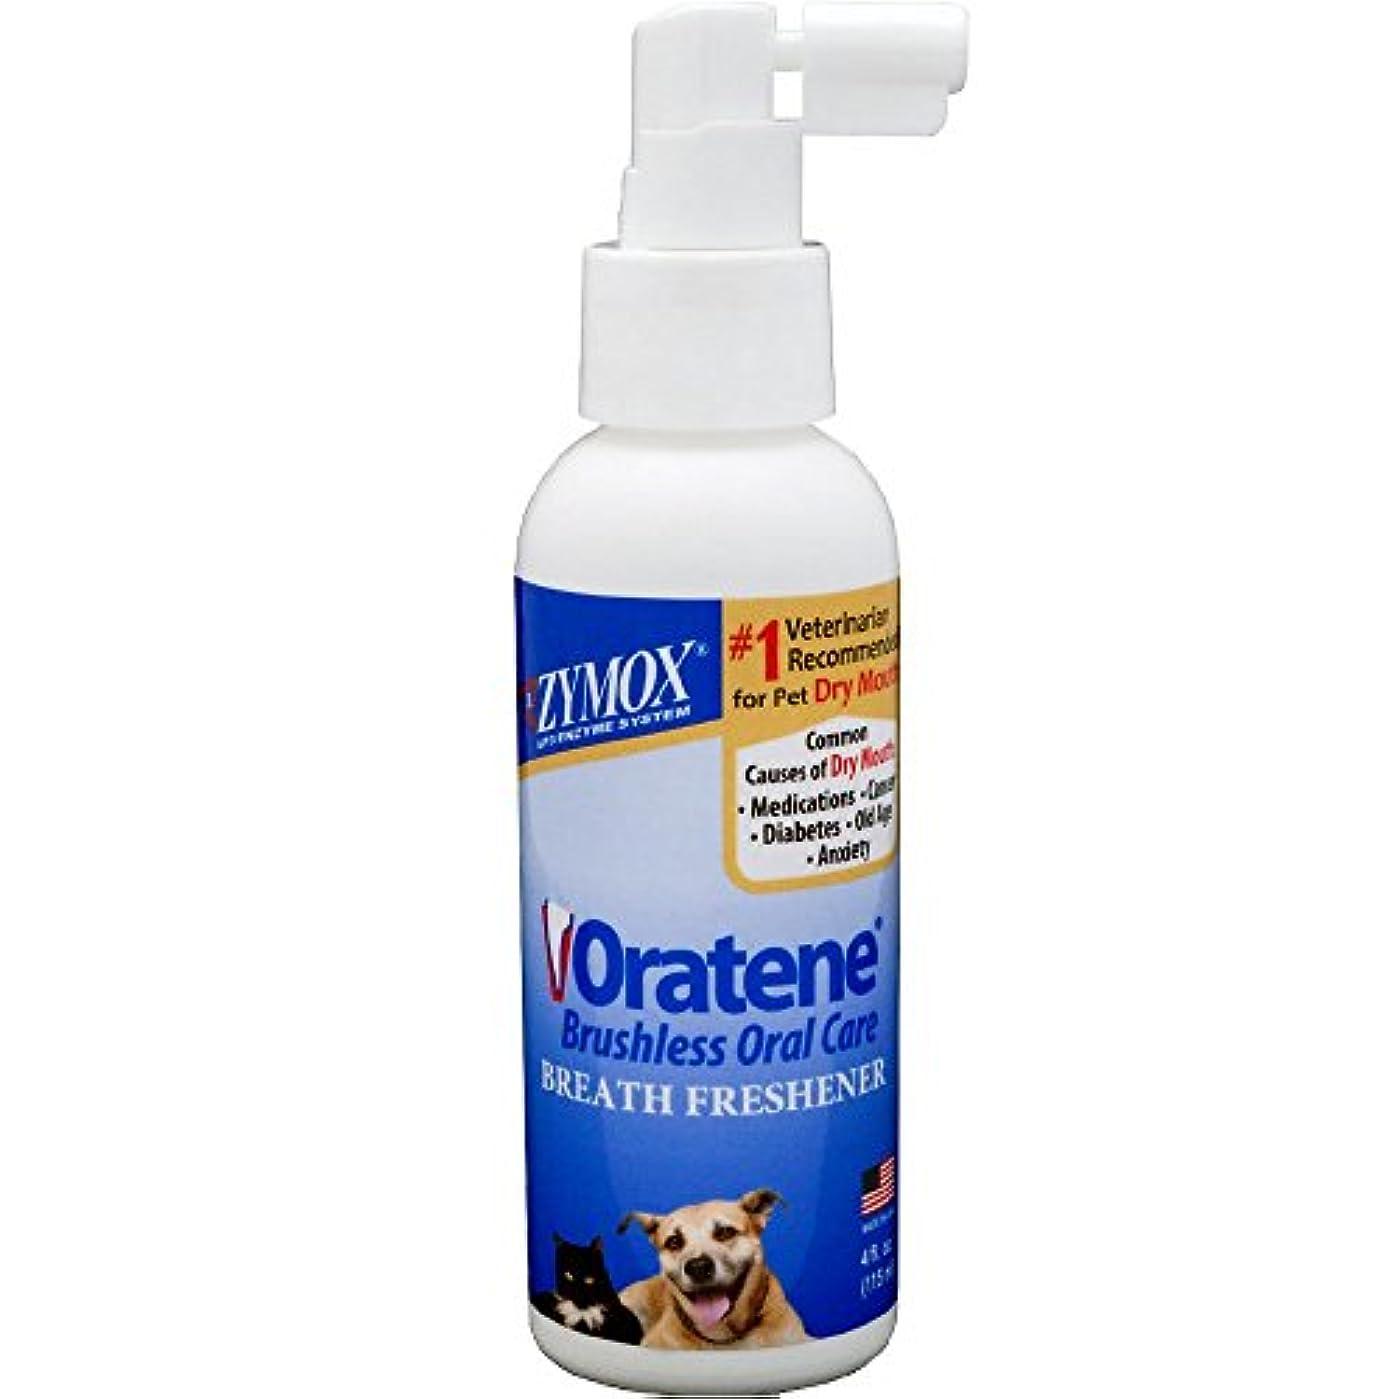 酸素素敵な便利さオーラティーン ブレスフレッシュナー 犬猫用 115mL